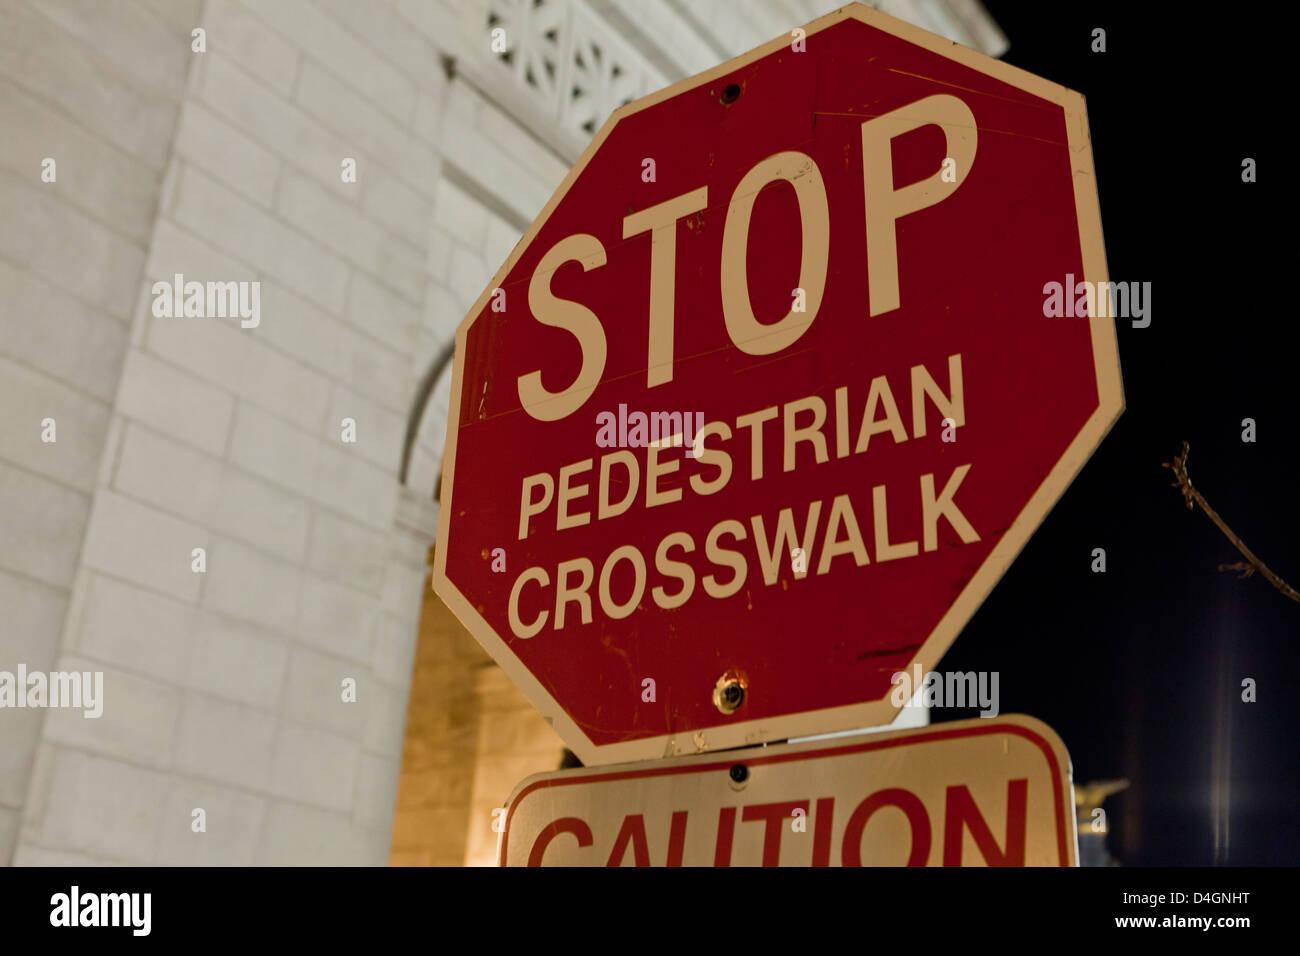 Pedestrian crosswalk stop sign - Stock Image